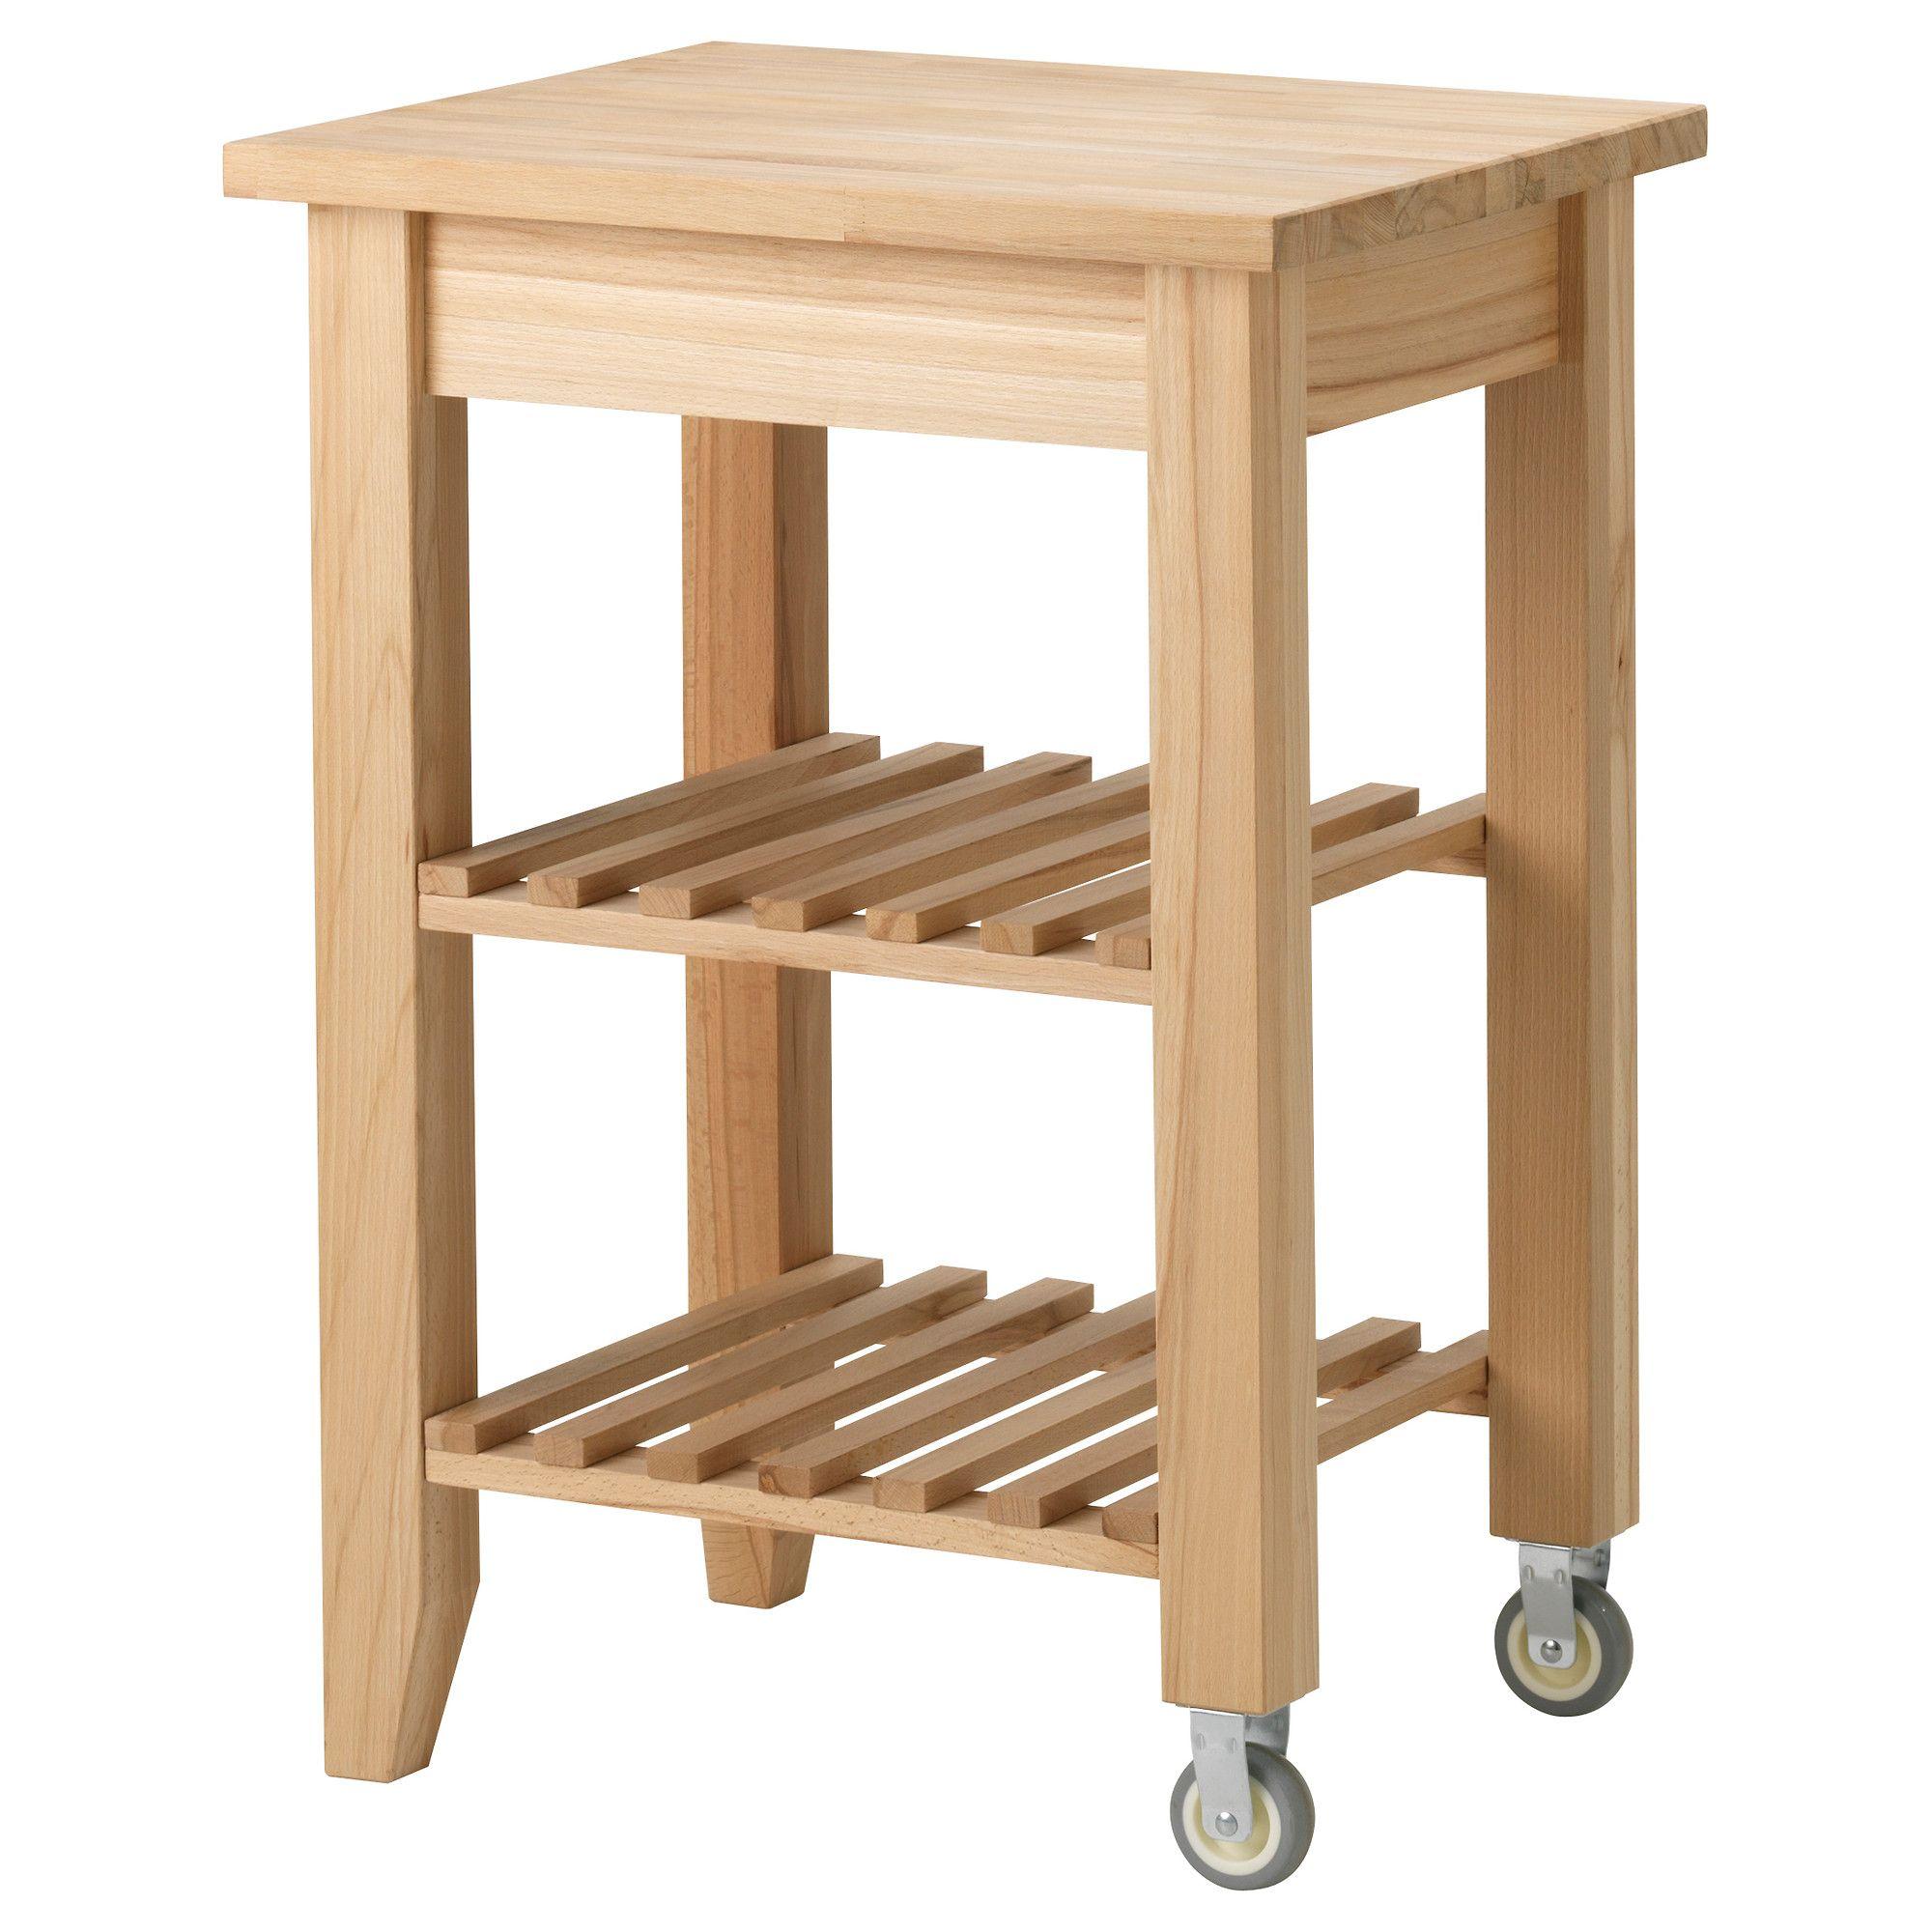 Full Size of Küche Ikea Kosten Betten Bei Miniküche Rollwagen Bad 160x200 Sofa Mit Schlaffunktion Kaufen Modulküche Wohnzimmer Ikea Rollwagen